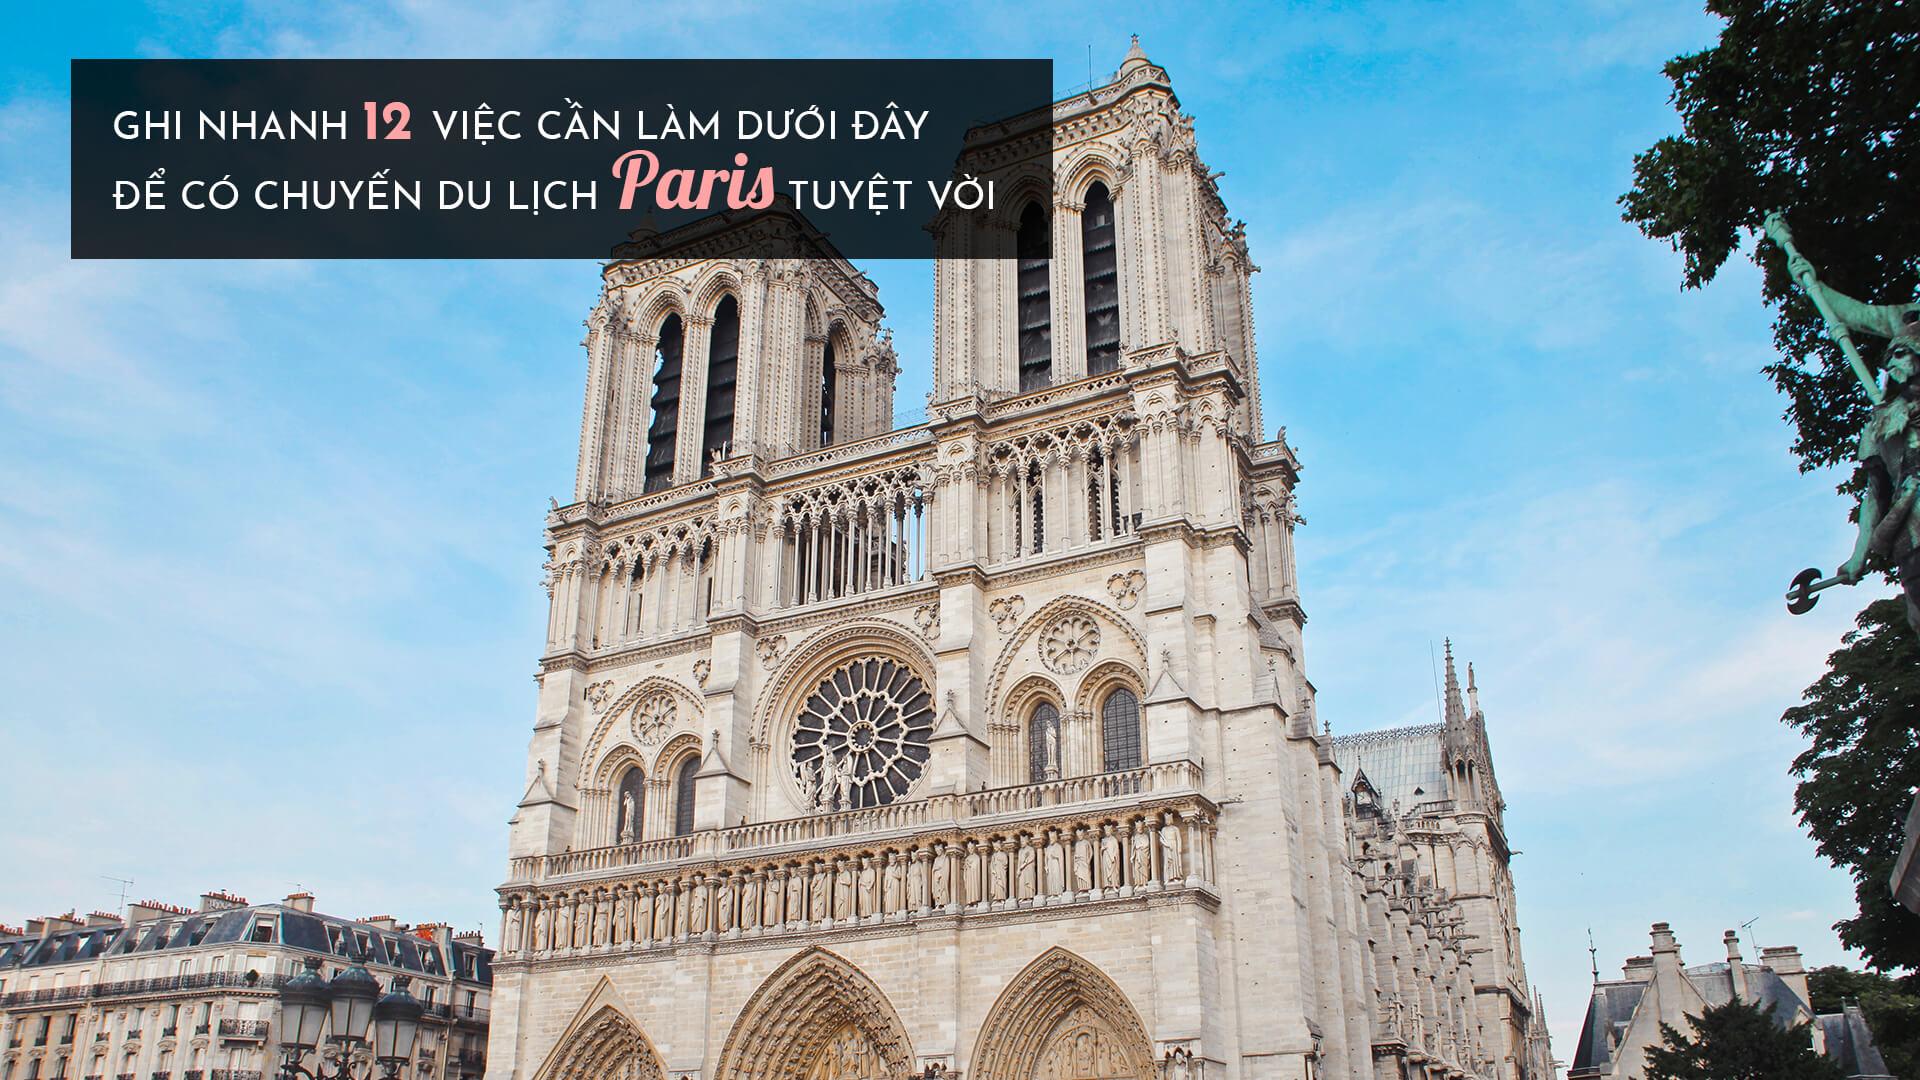 Ghi nhanh 12 việc cần làm dưới đây để có chuyến du lịch Paris tuyệt vời